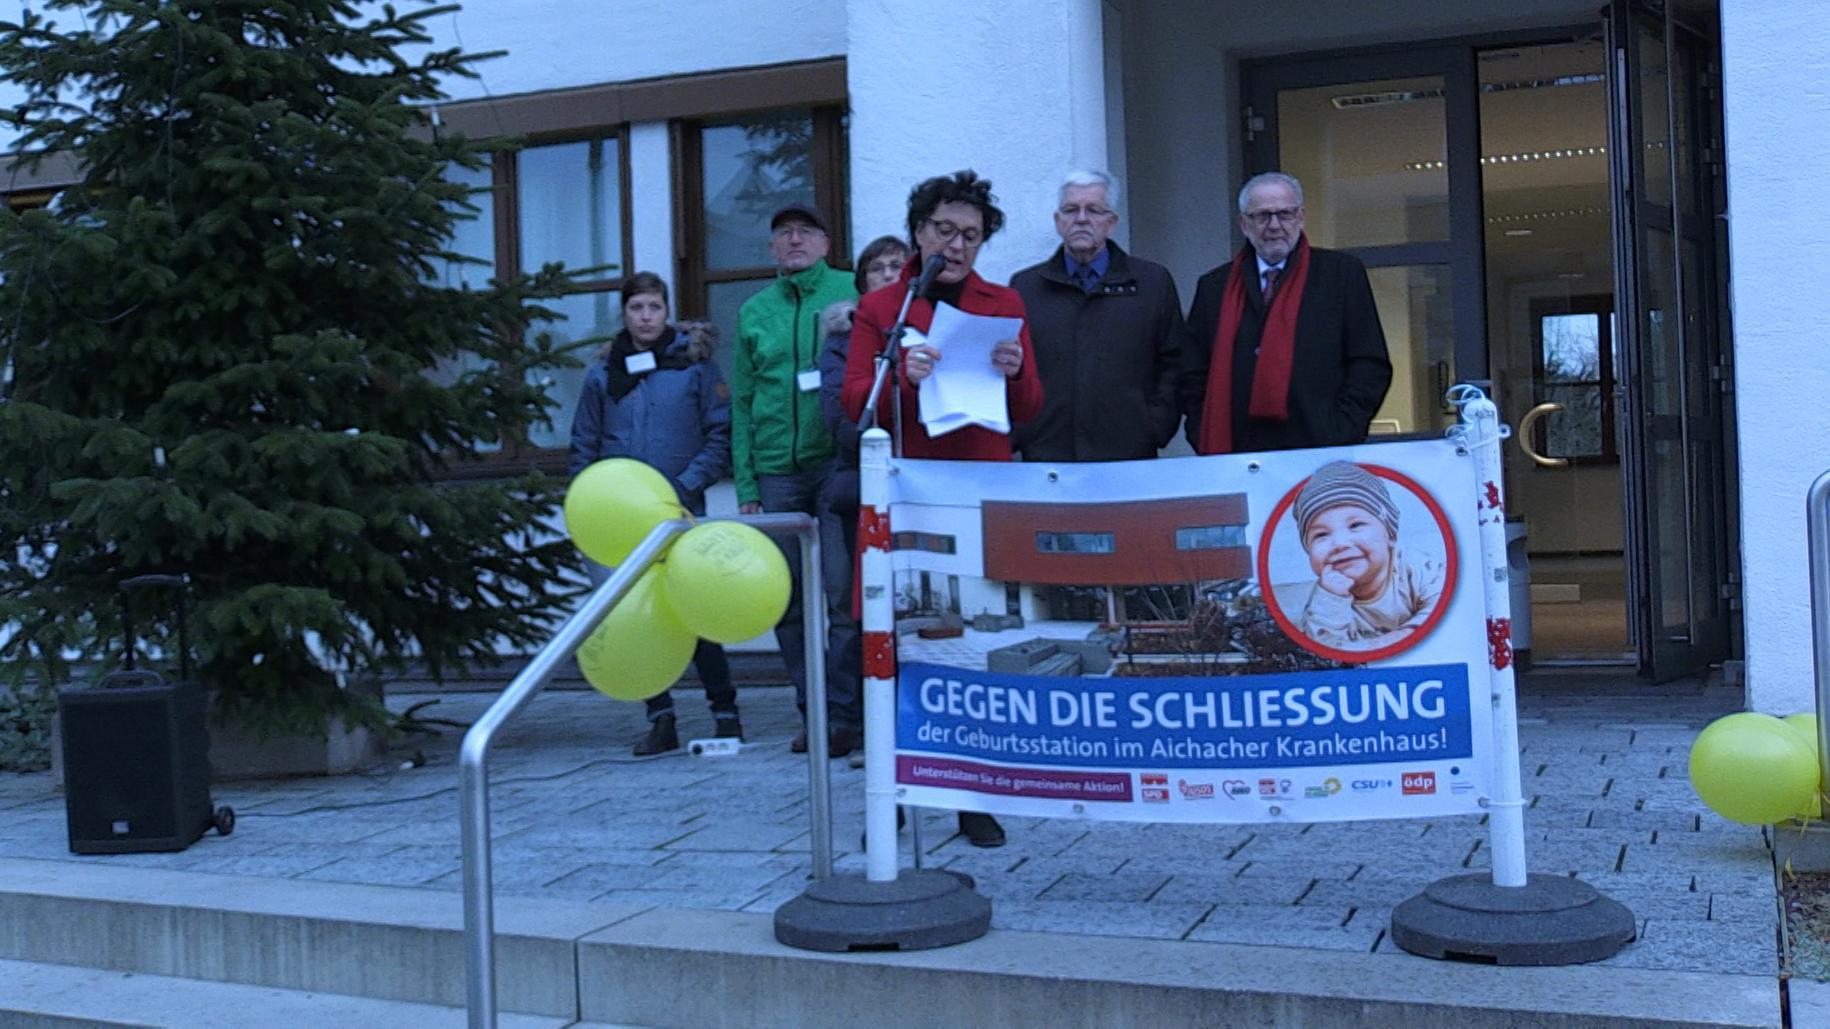 Demo für Erhalt der Aichacher Geburtshilfestation